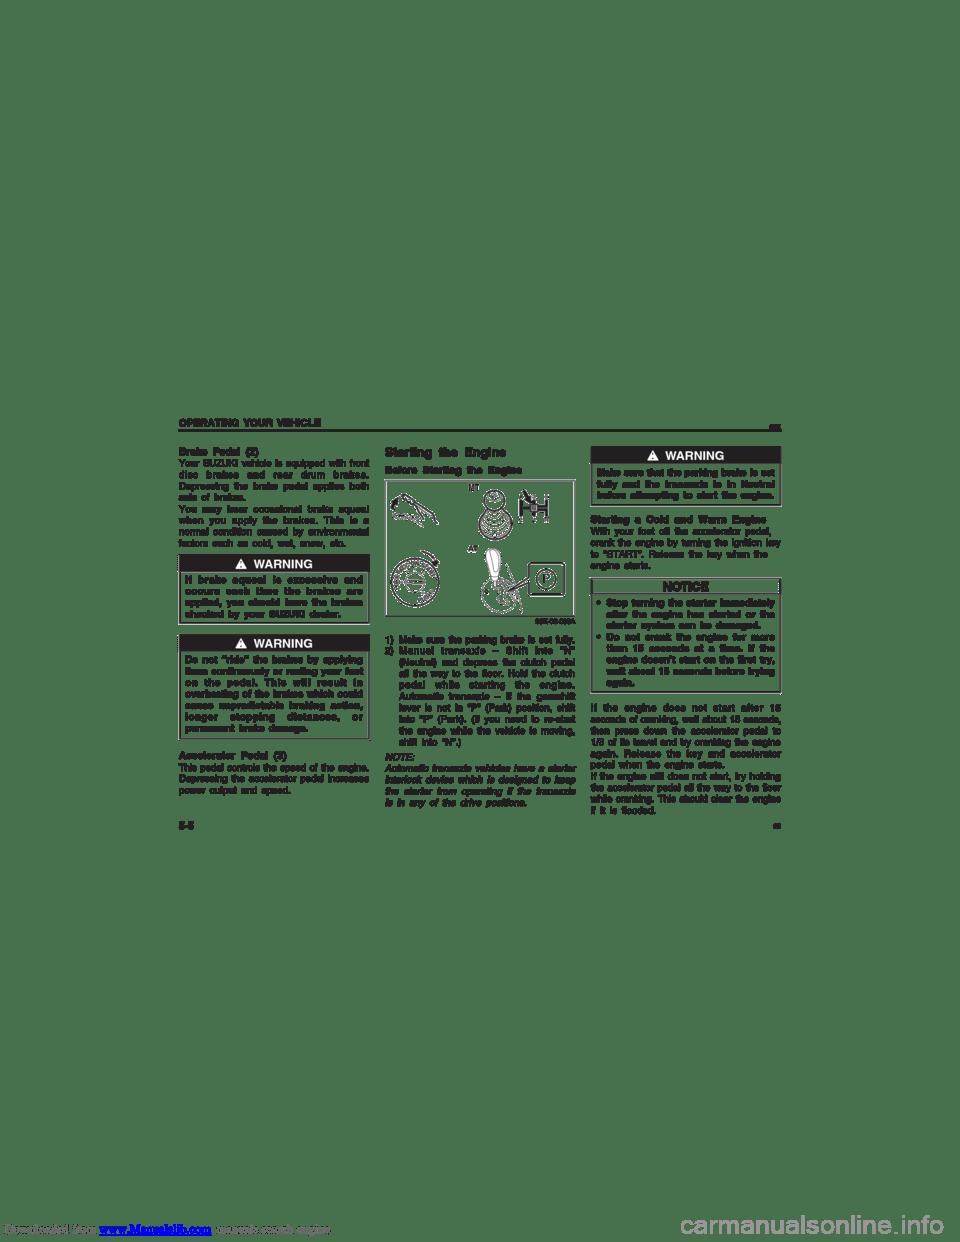 SUZUKI MARUTI 2005 1.G Owners Manual